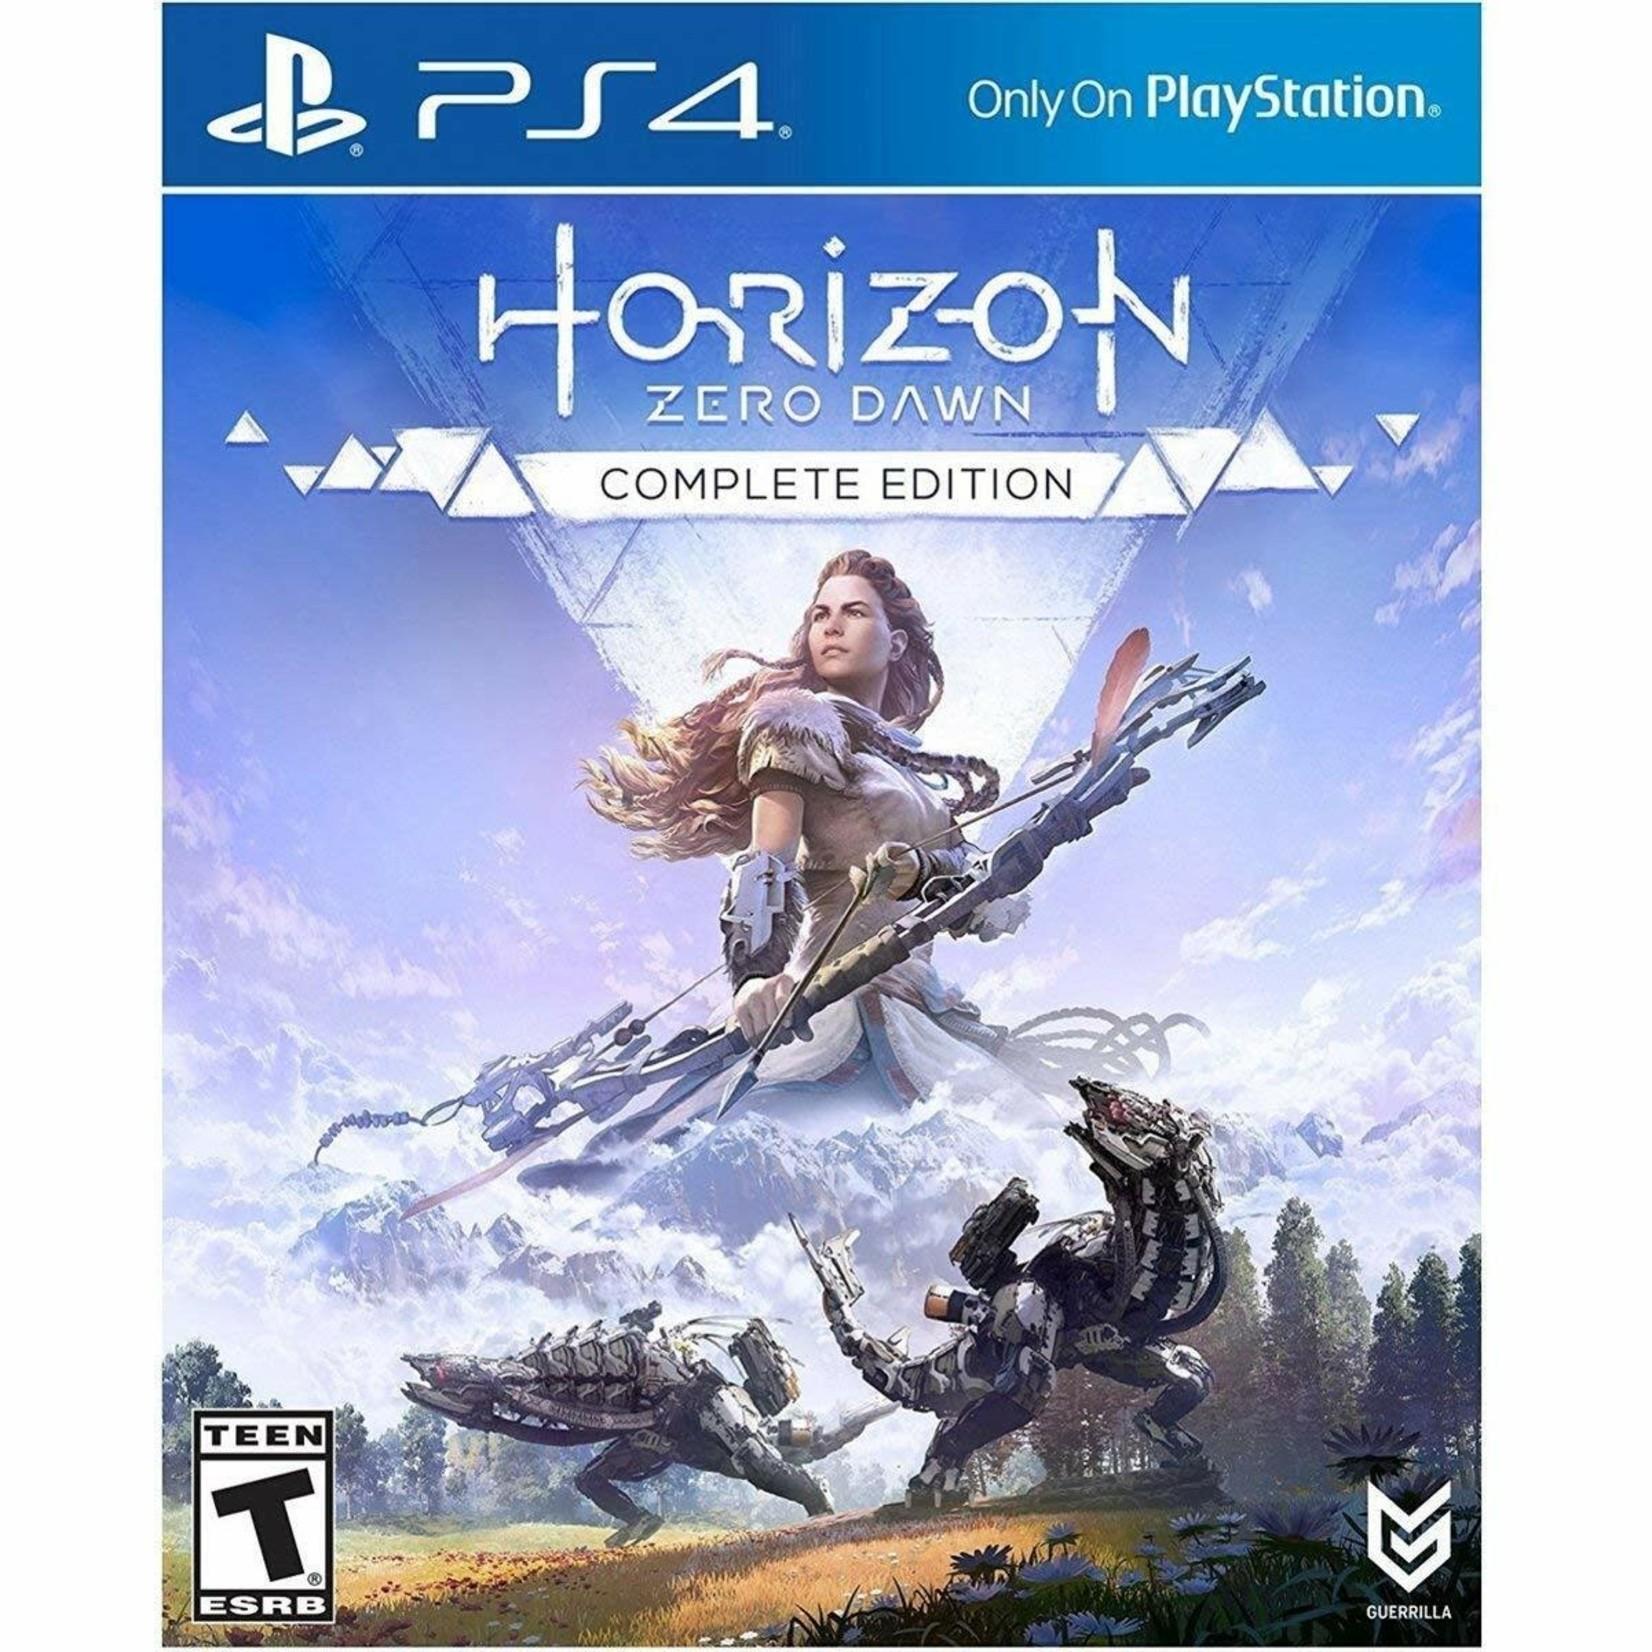 PS4U-Horizon Zero Dawn: COMPLETE EDITION